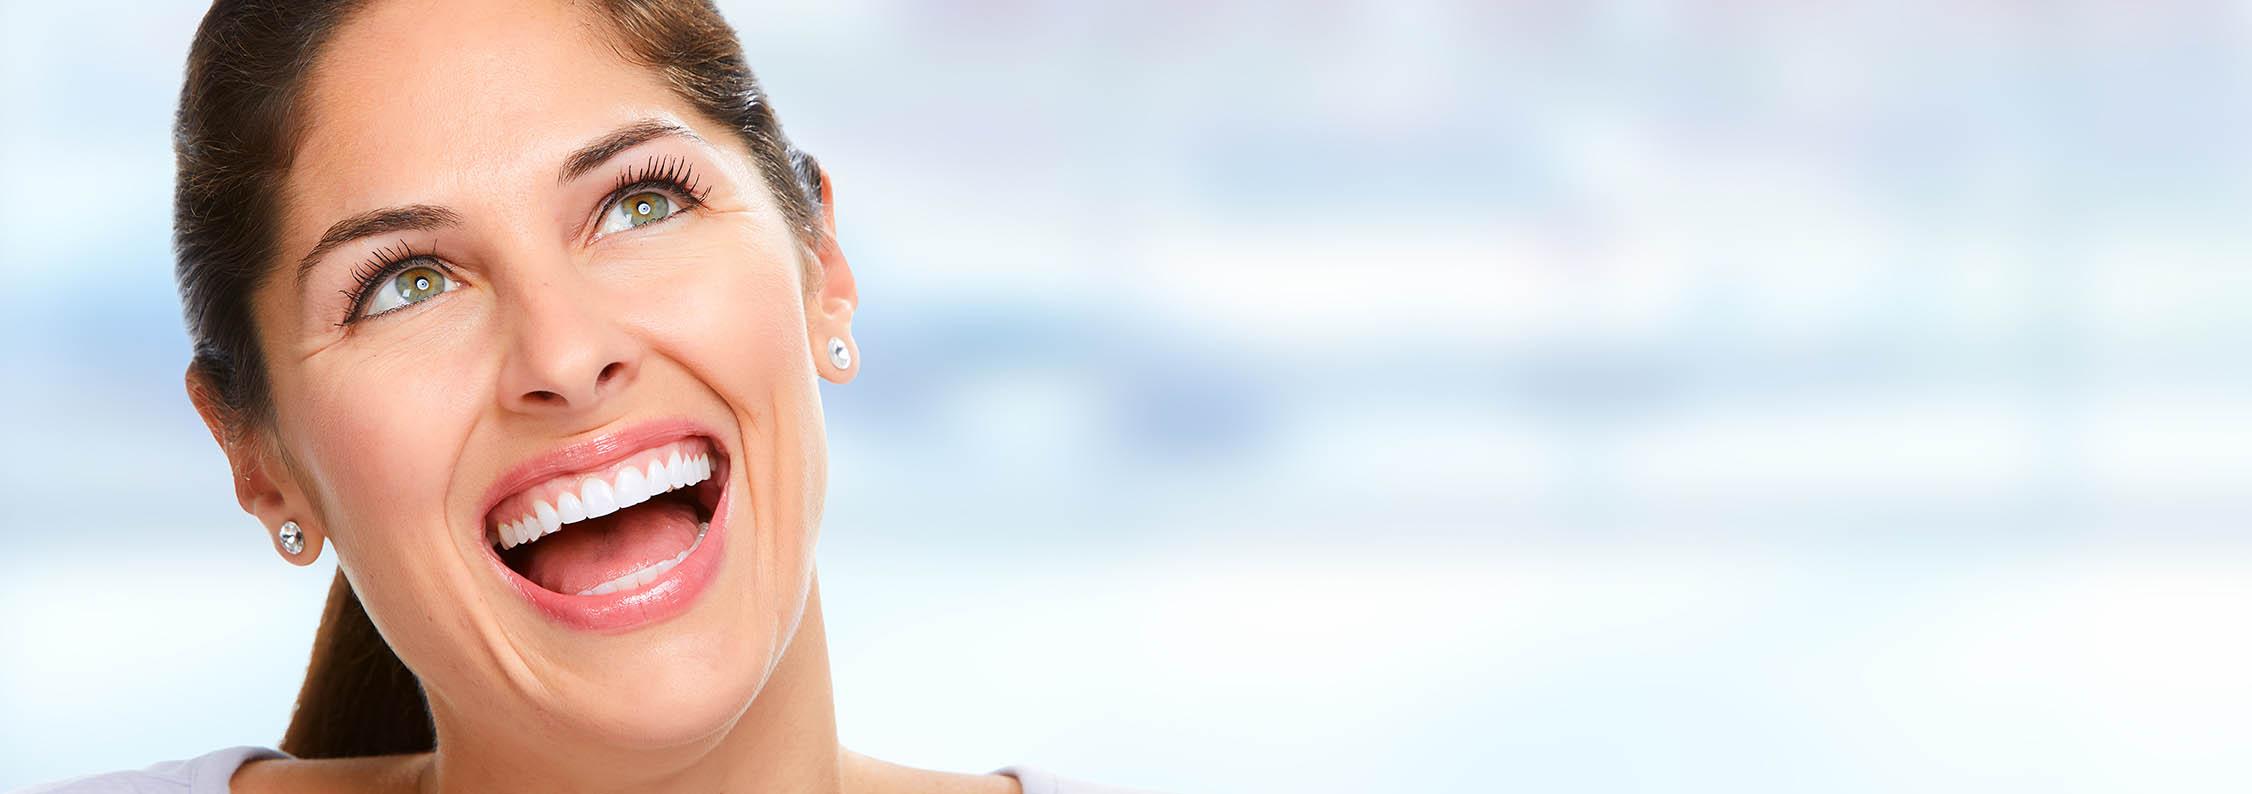 clinica_dental_dentista_moncloa__0014_Estetica Dental